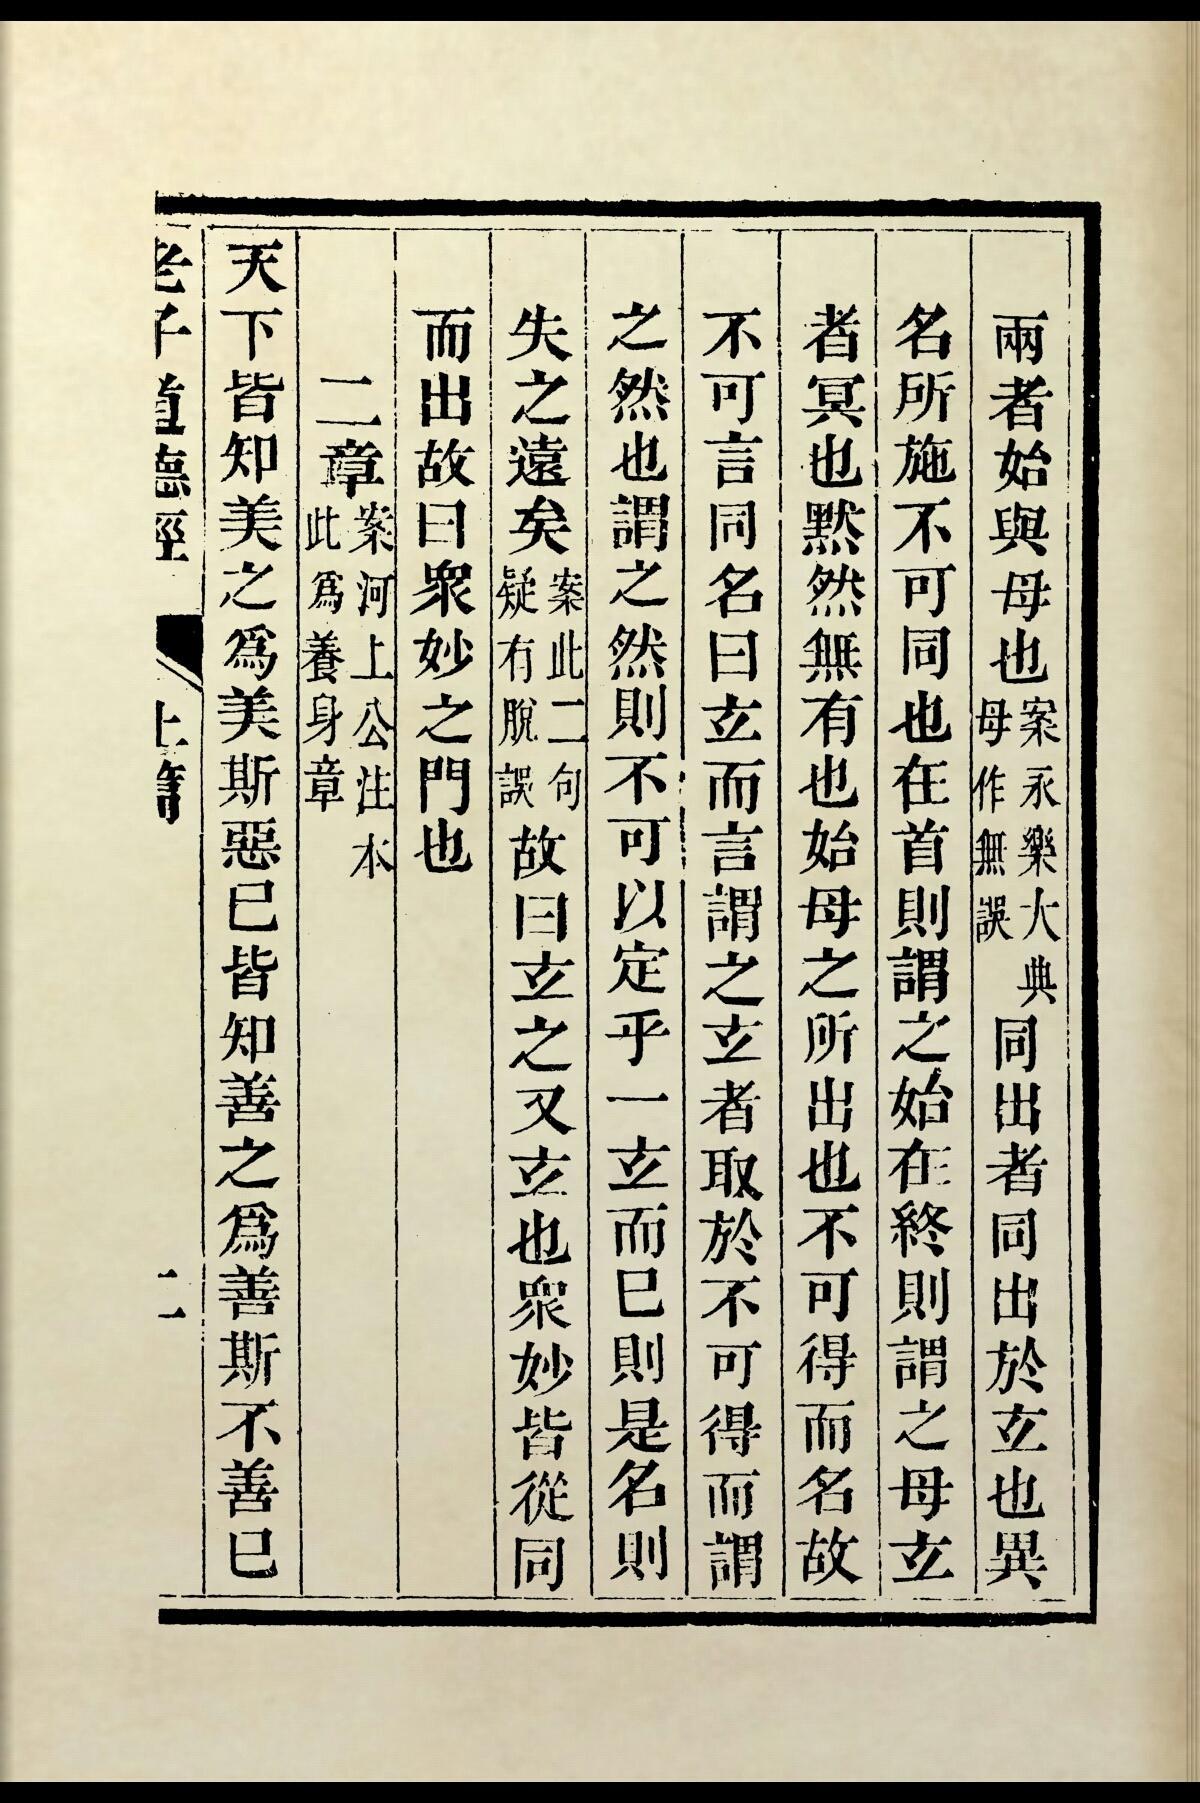 道德经(帛书校勘版)最接近原版  道德经楚简帛书今本比较